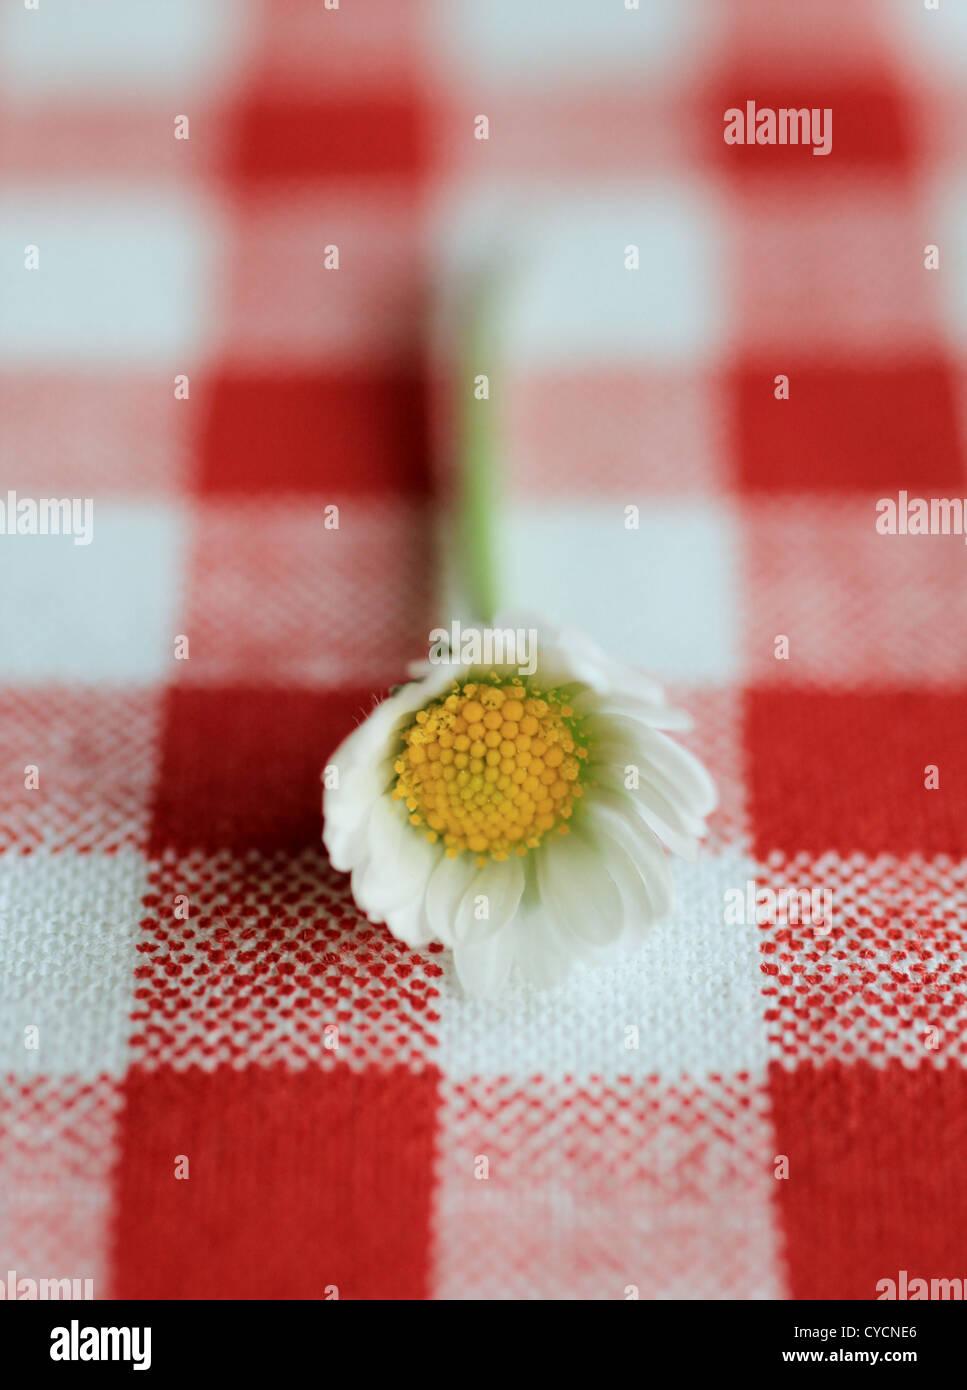 Daisy Photo Stock